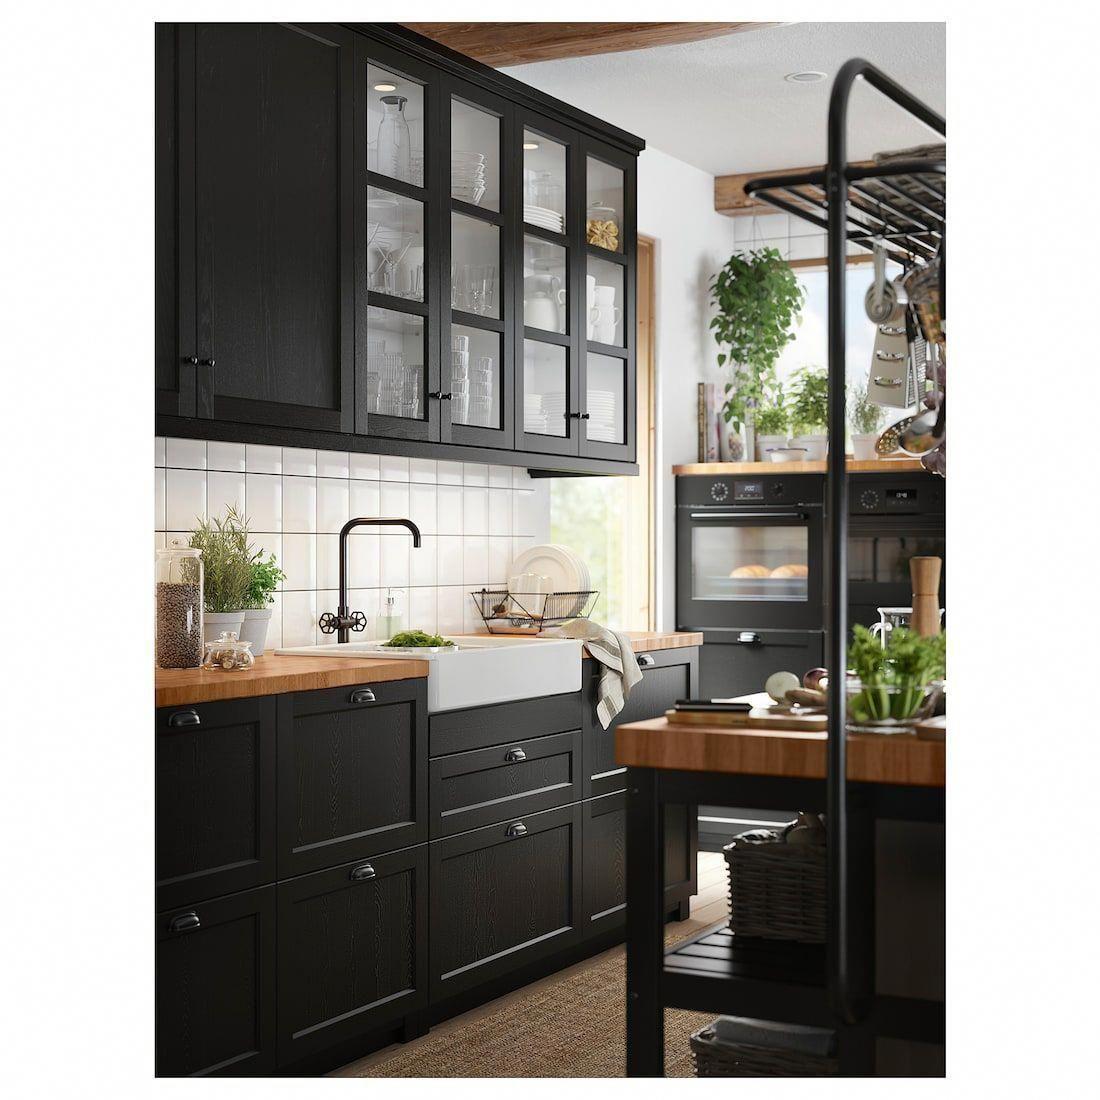 Skogsa Countertop Oak Ikea Kitcheninterior In 2020 Kitchen